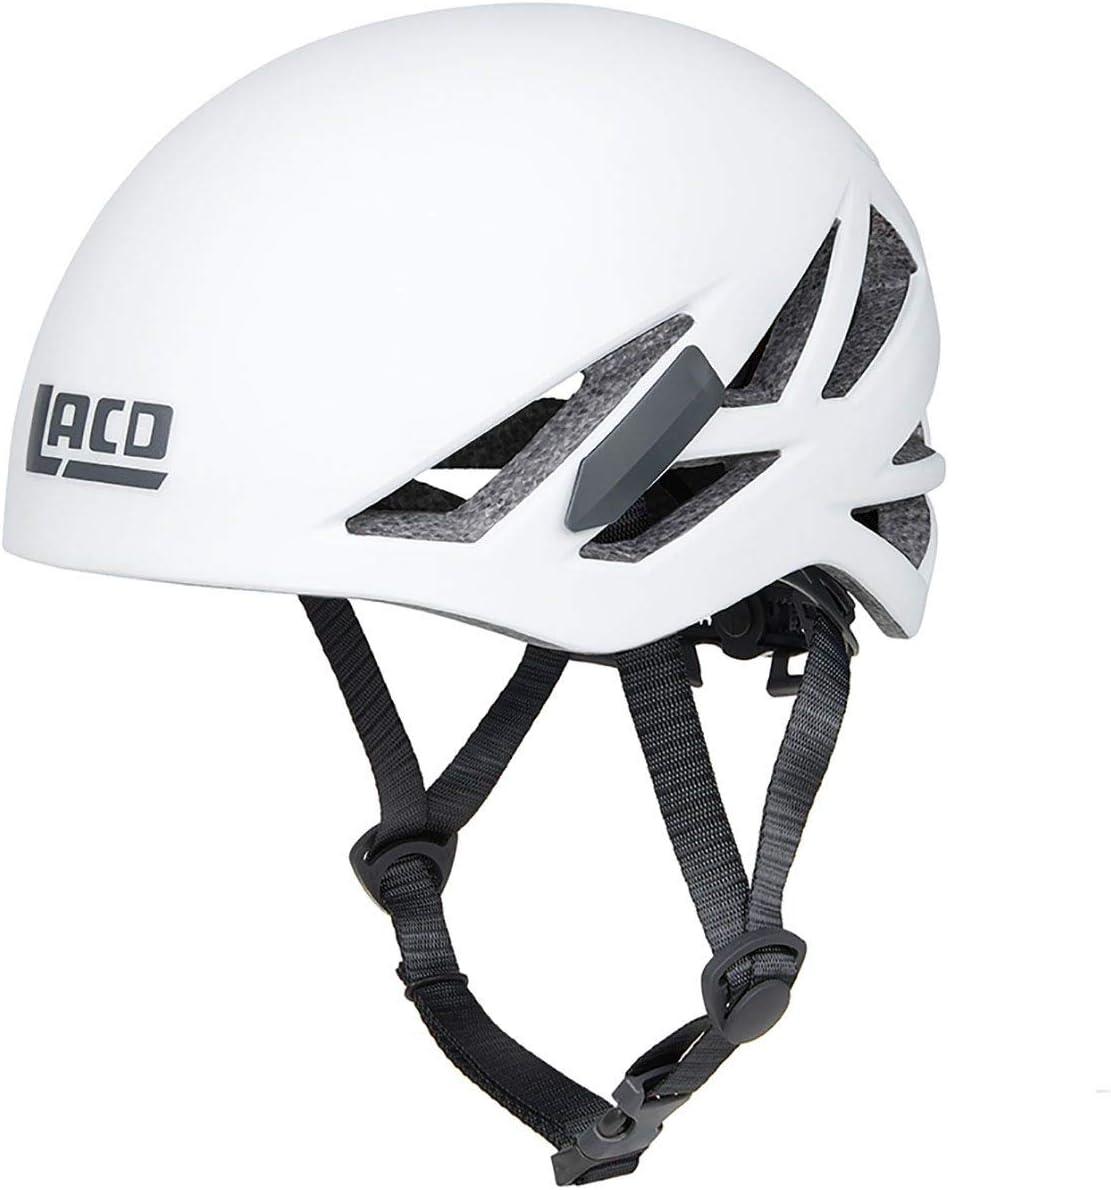 LACD Defender RX - Casco de escalada: Amazon.es: Deportes y ...